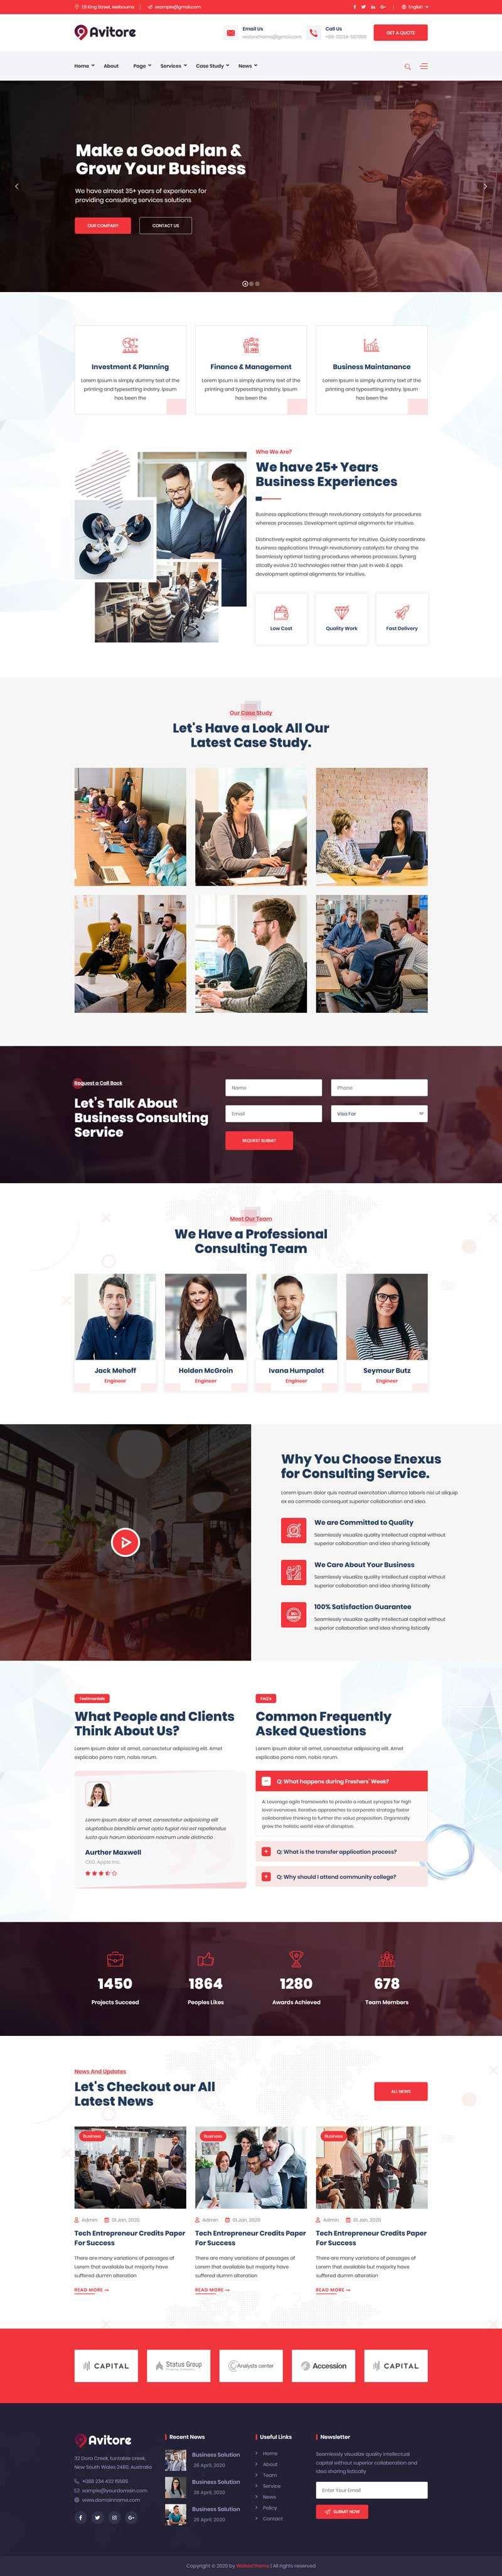 红色宽屏大气html5响应式金融业务商业咨询公司网站模板